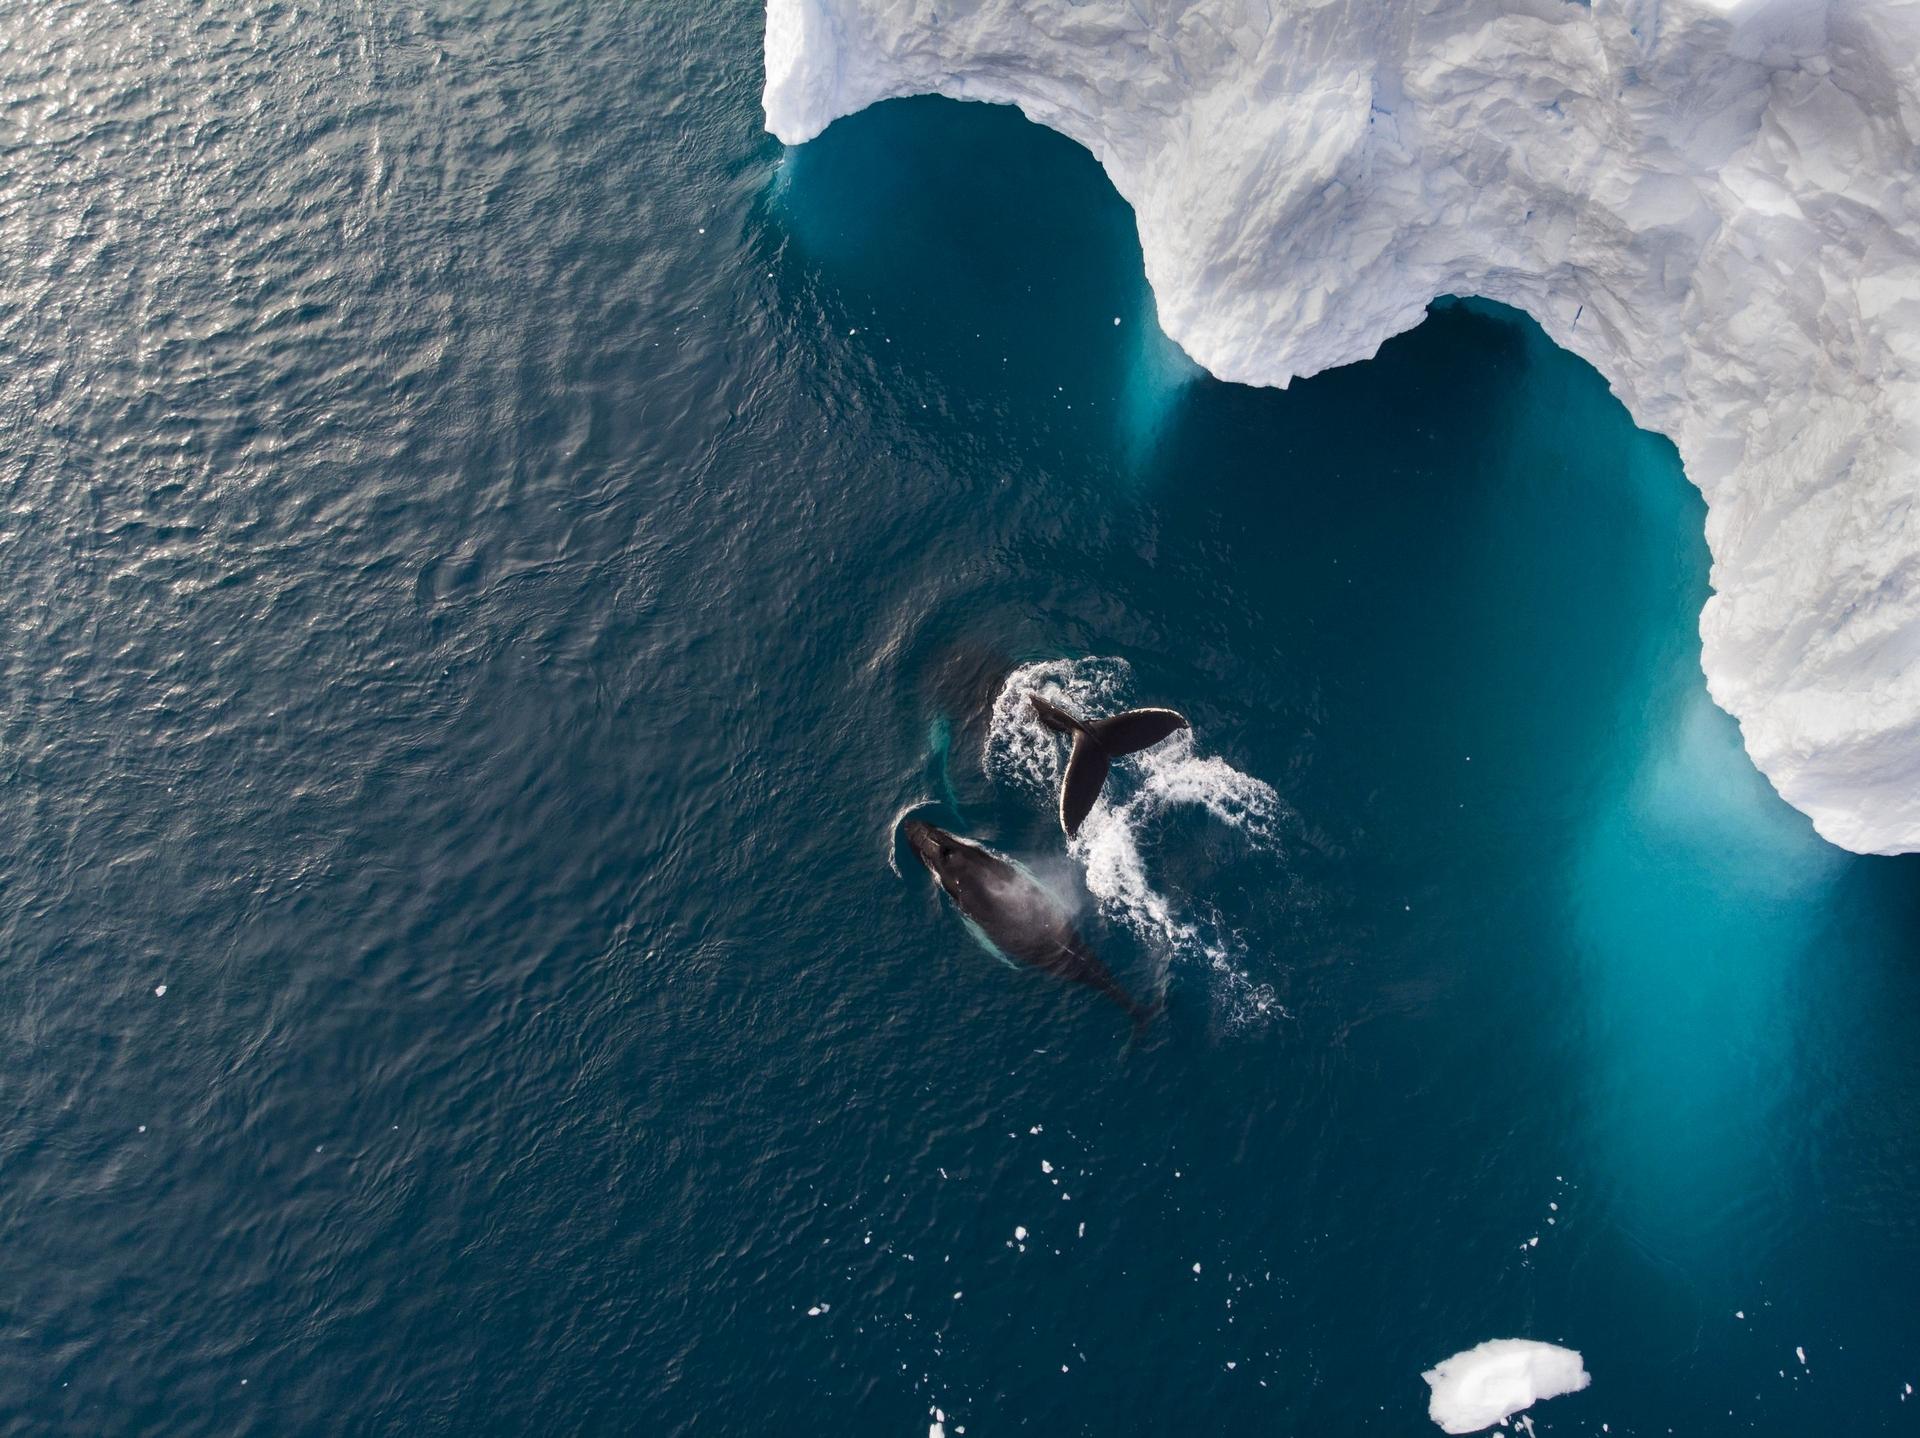 一隻母座頭鯨和幼鯨在格陵蘭島海岸游泳。座頭鯨在該地區受到保護,並每年夏季都會出沒於北極水域。